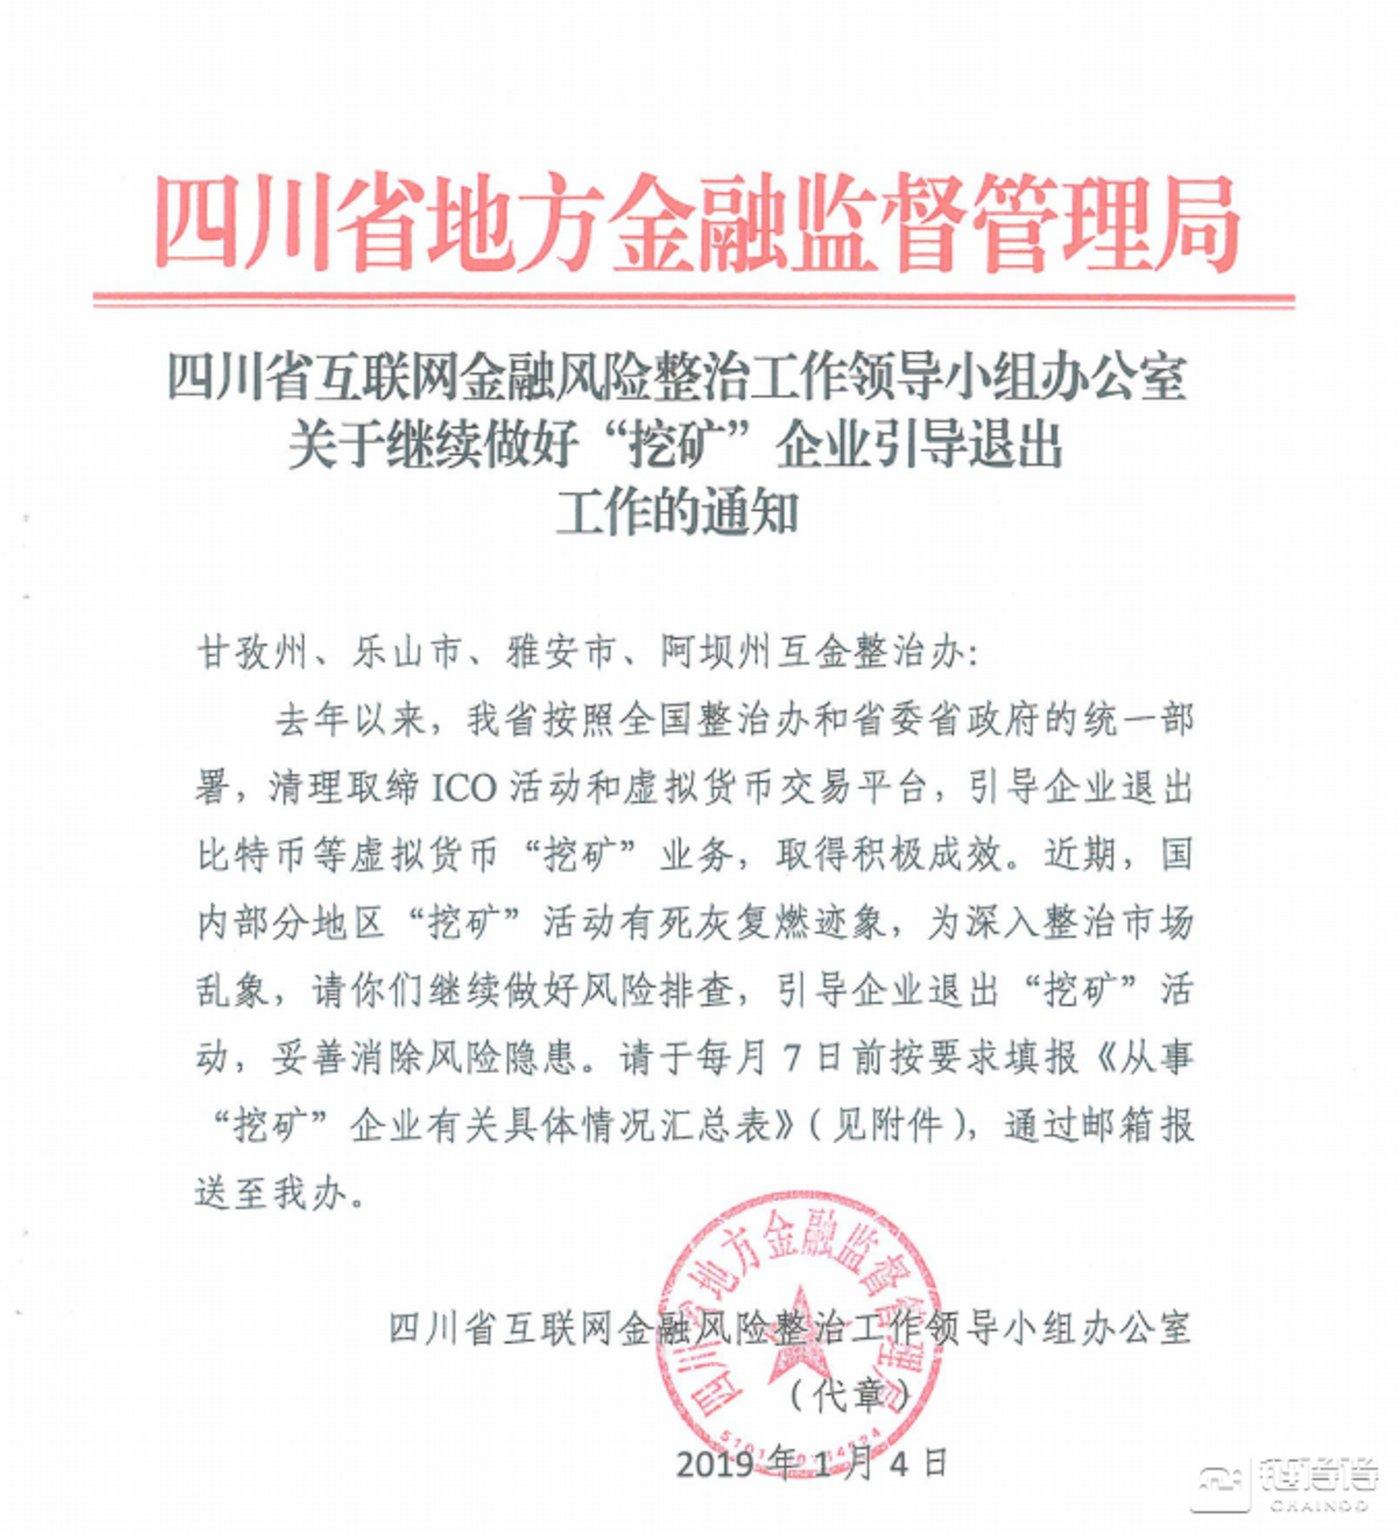 1月4日,四川金融风险办公室出台矿业监管政策